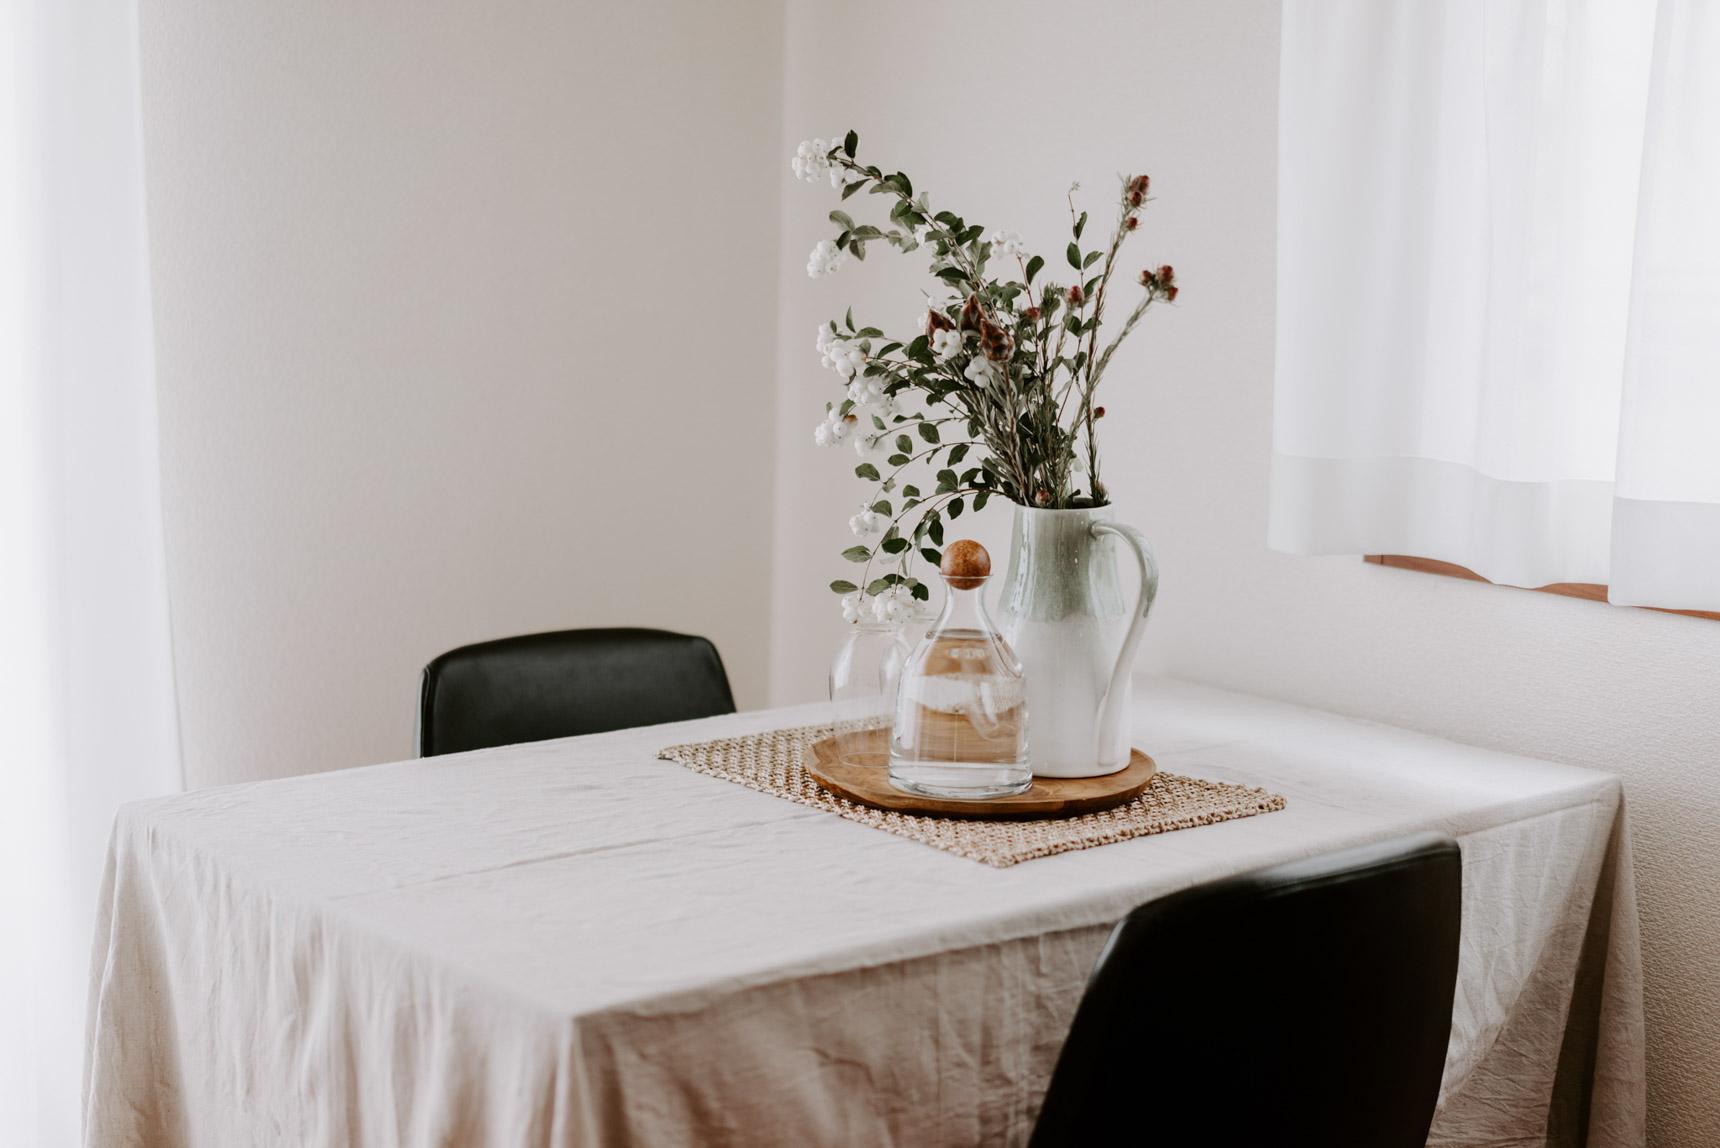 無地のテーブルクロスを使うことで、すっきりとした空間になっています。